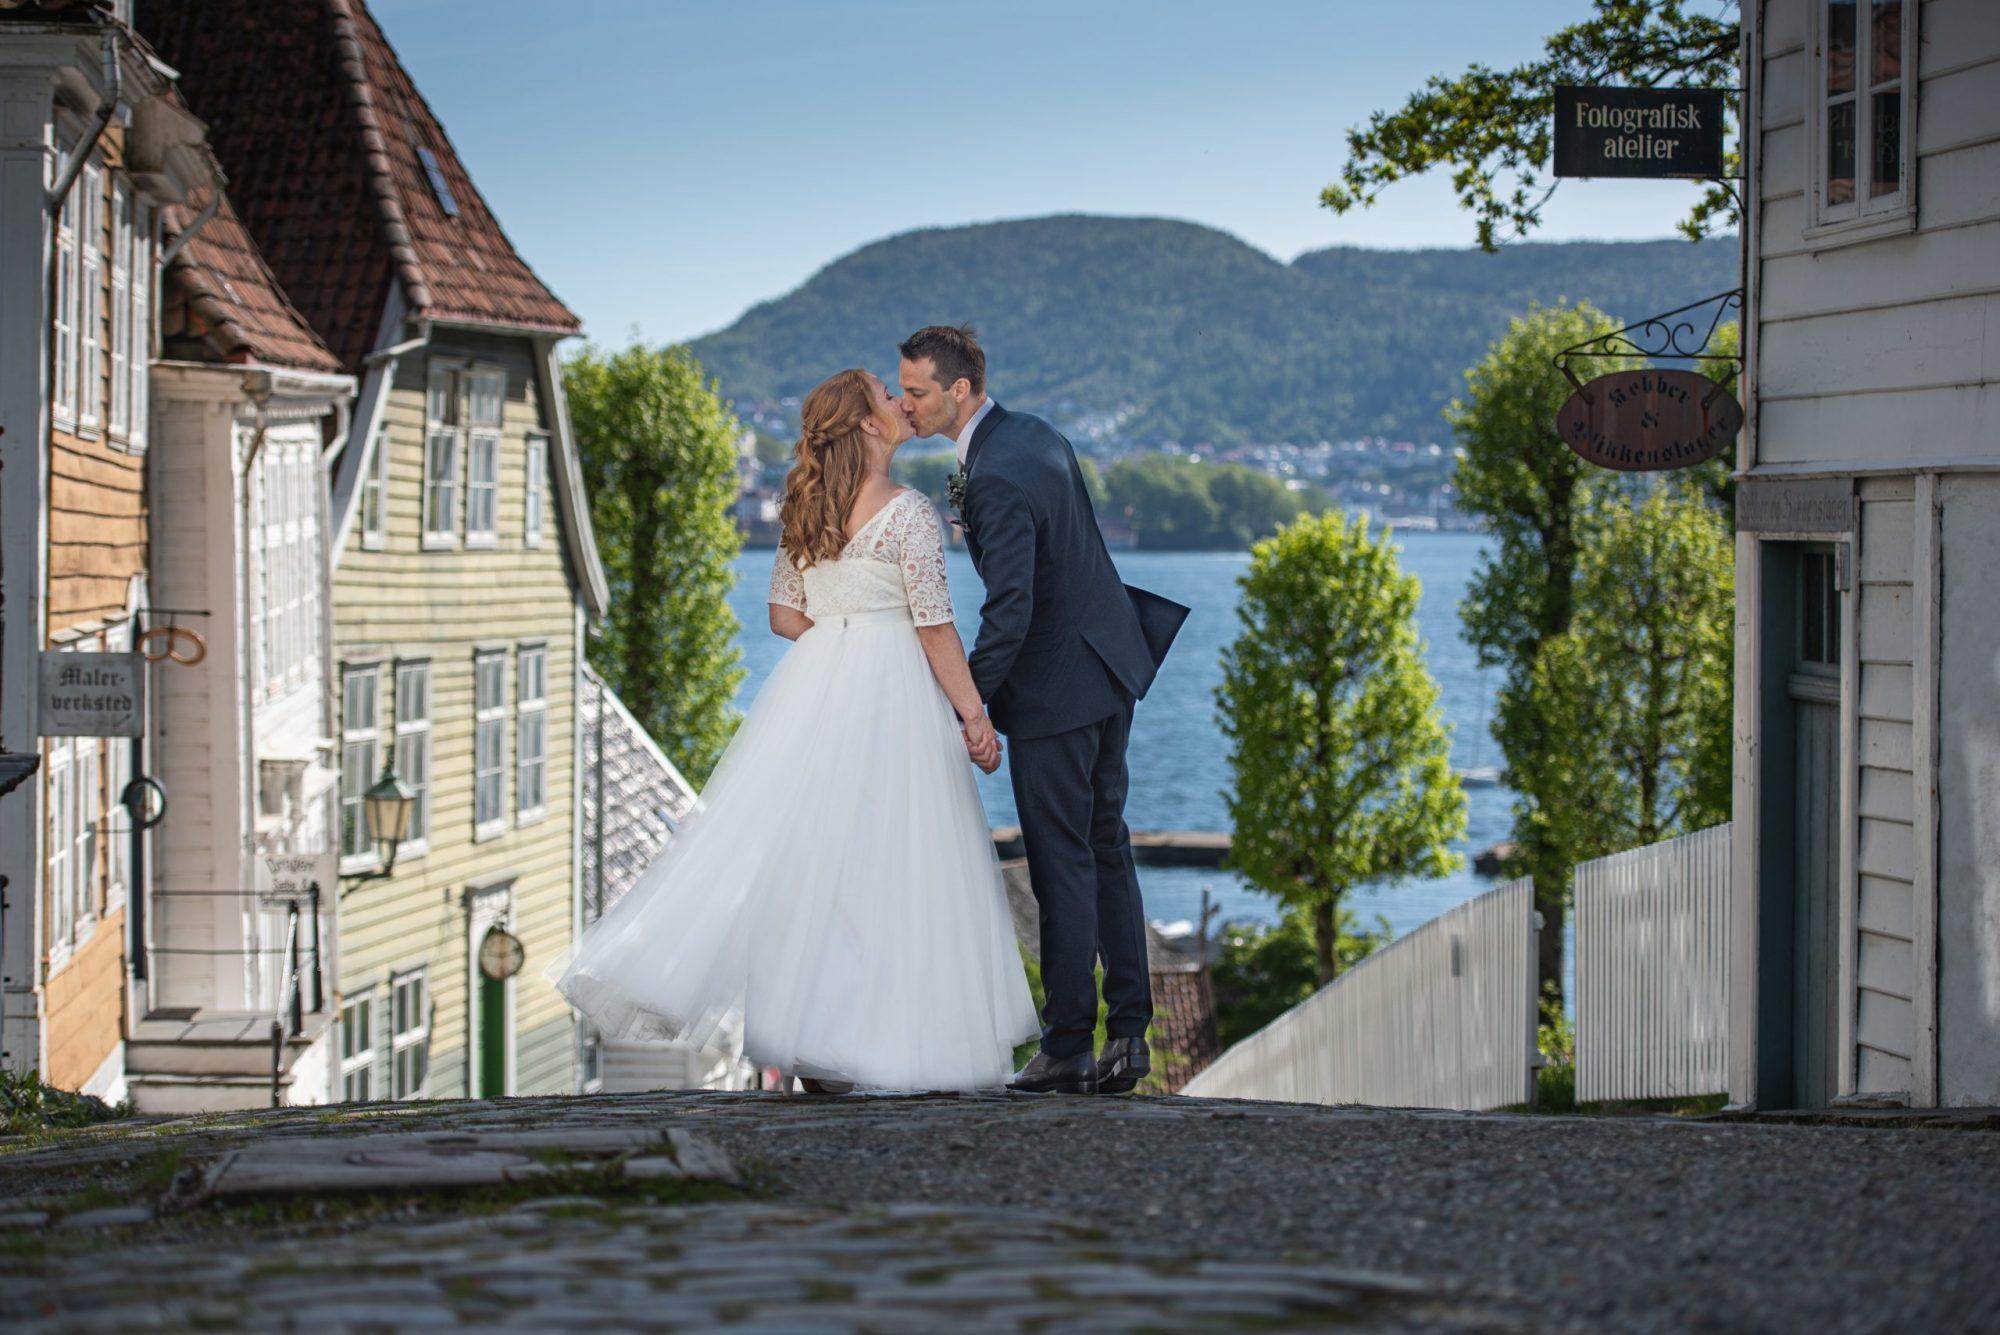 Hvorfor er fotograf til bryllup så dyrt?